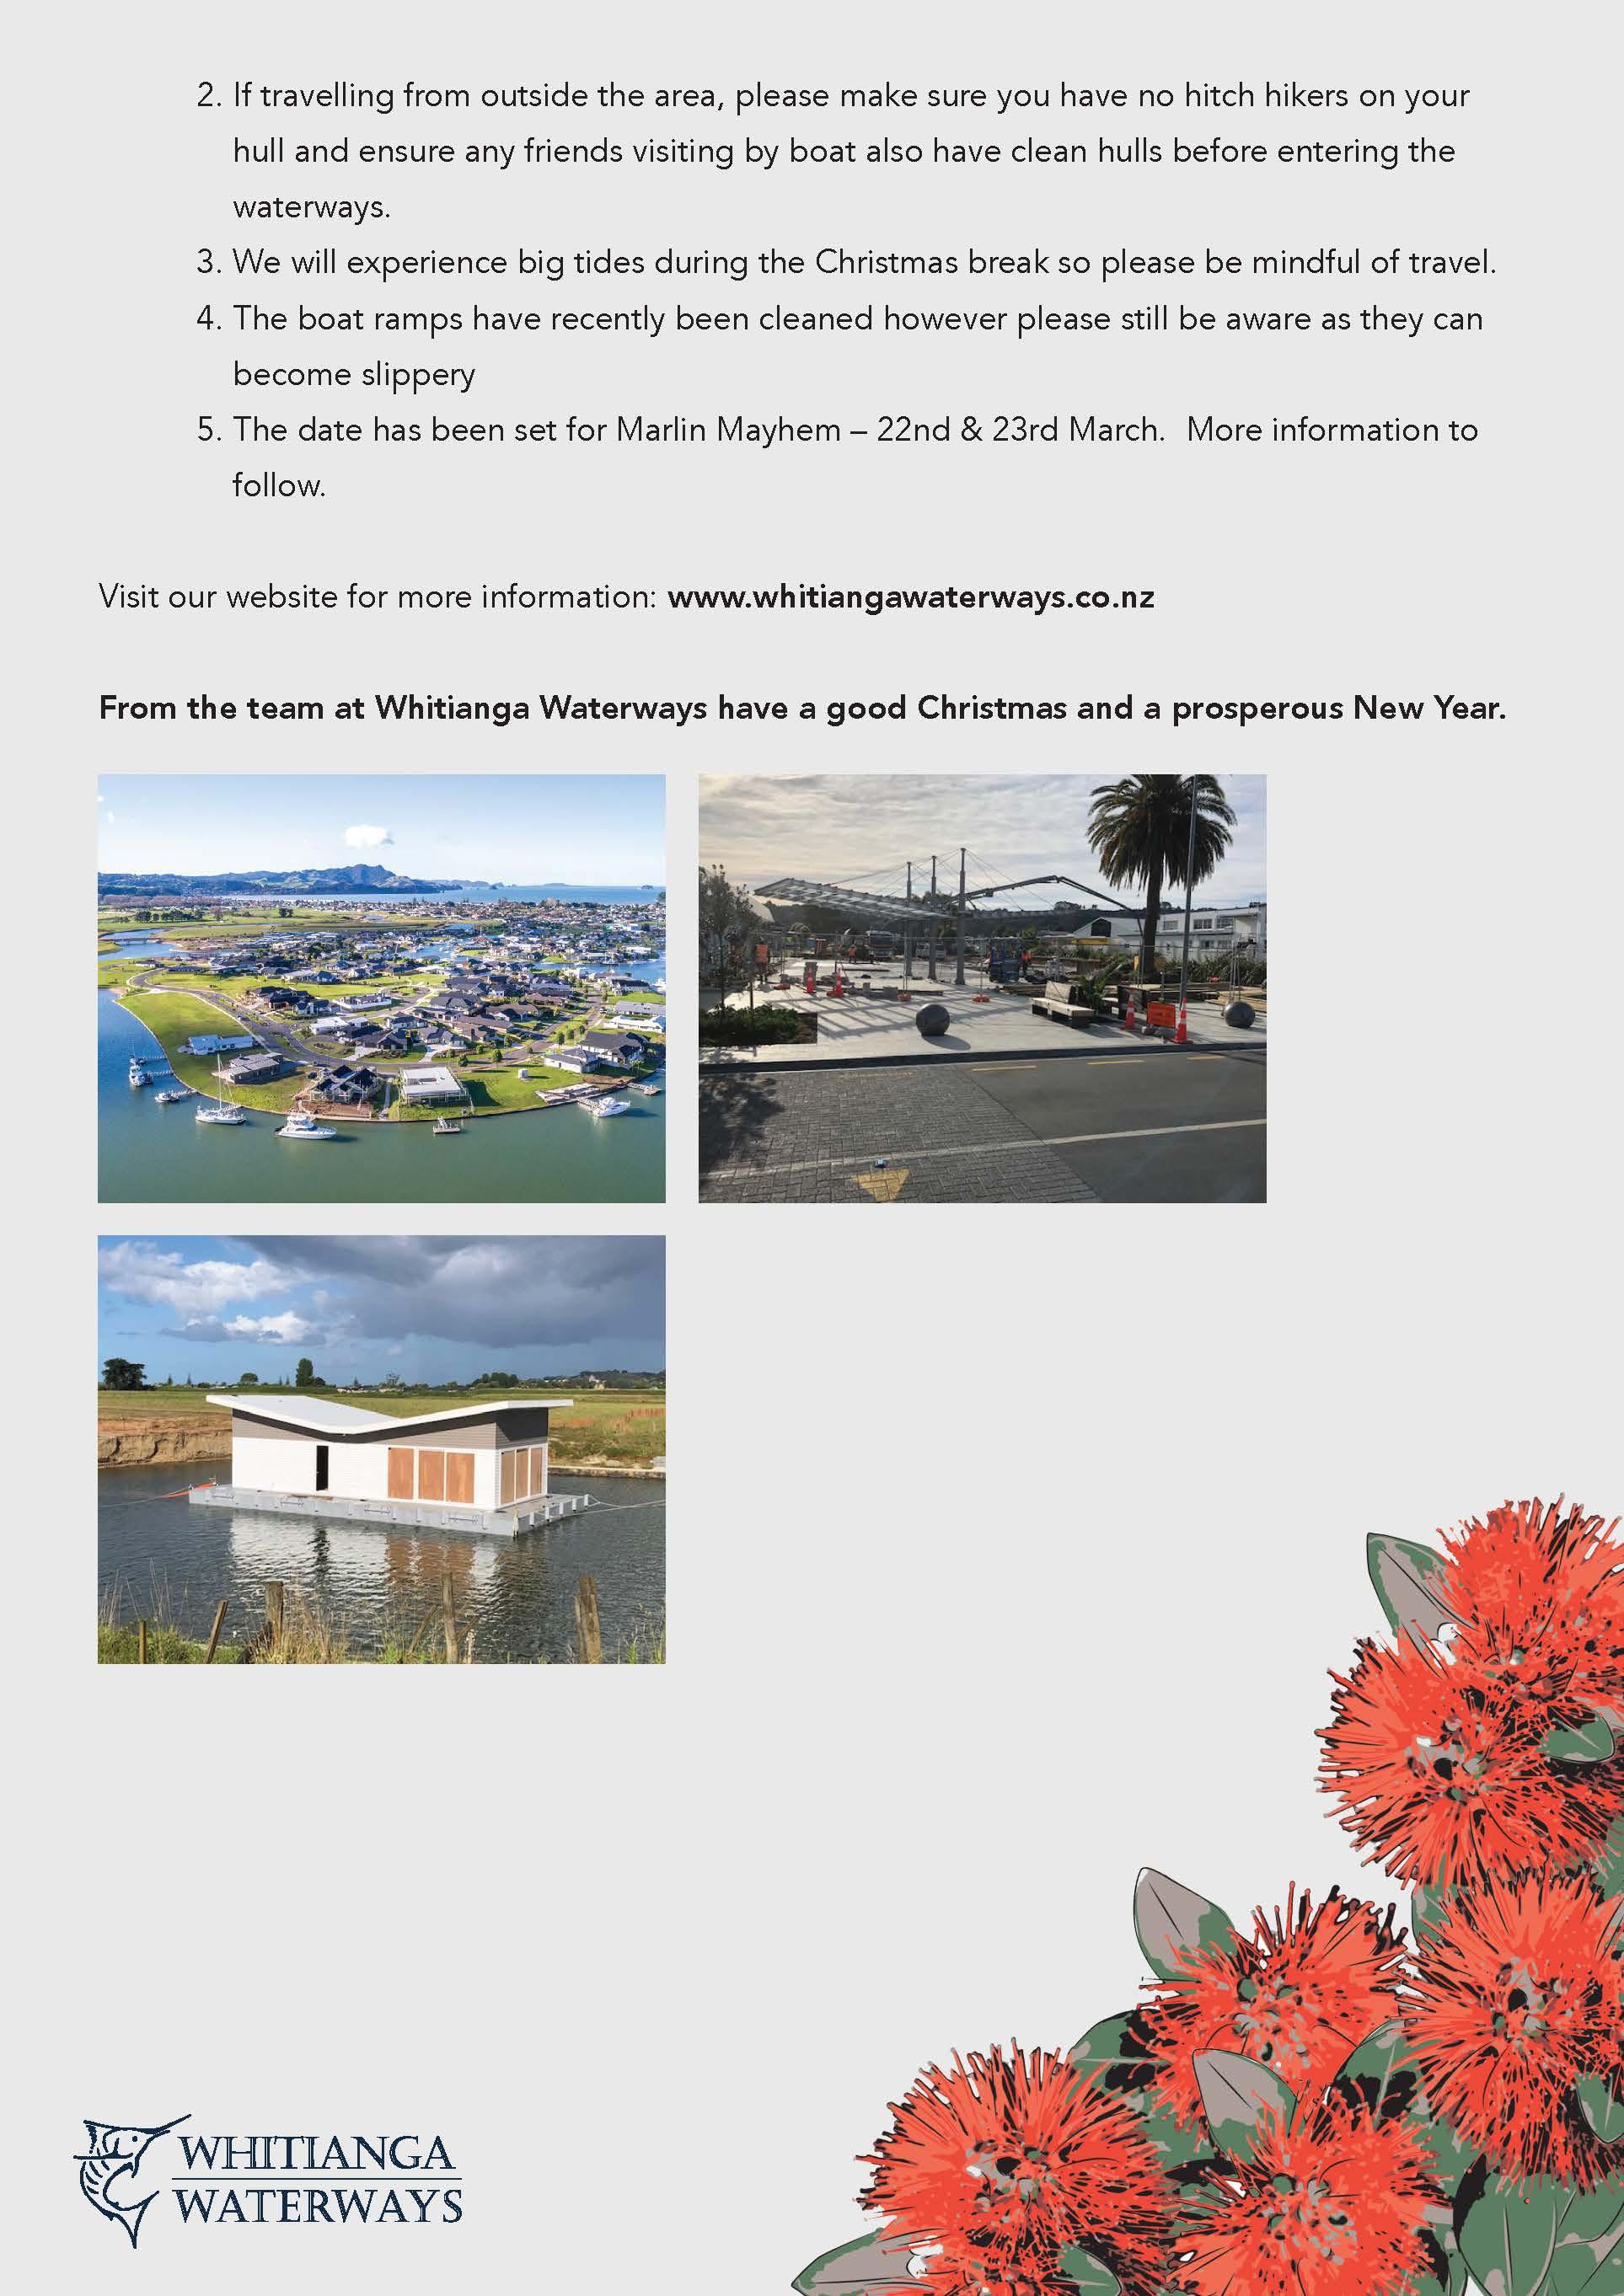 WWL December 2018 Newsletter_Page_2.jpg